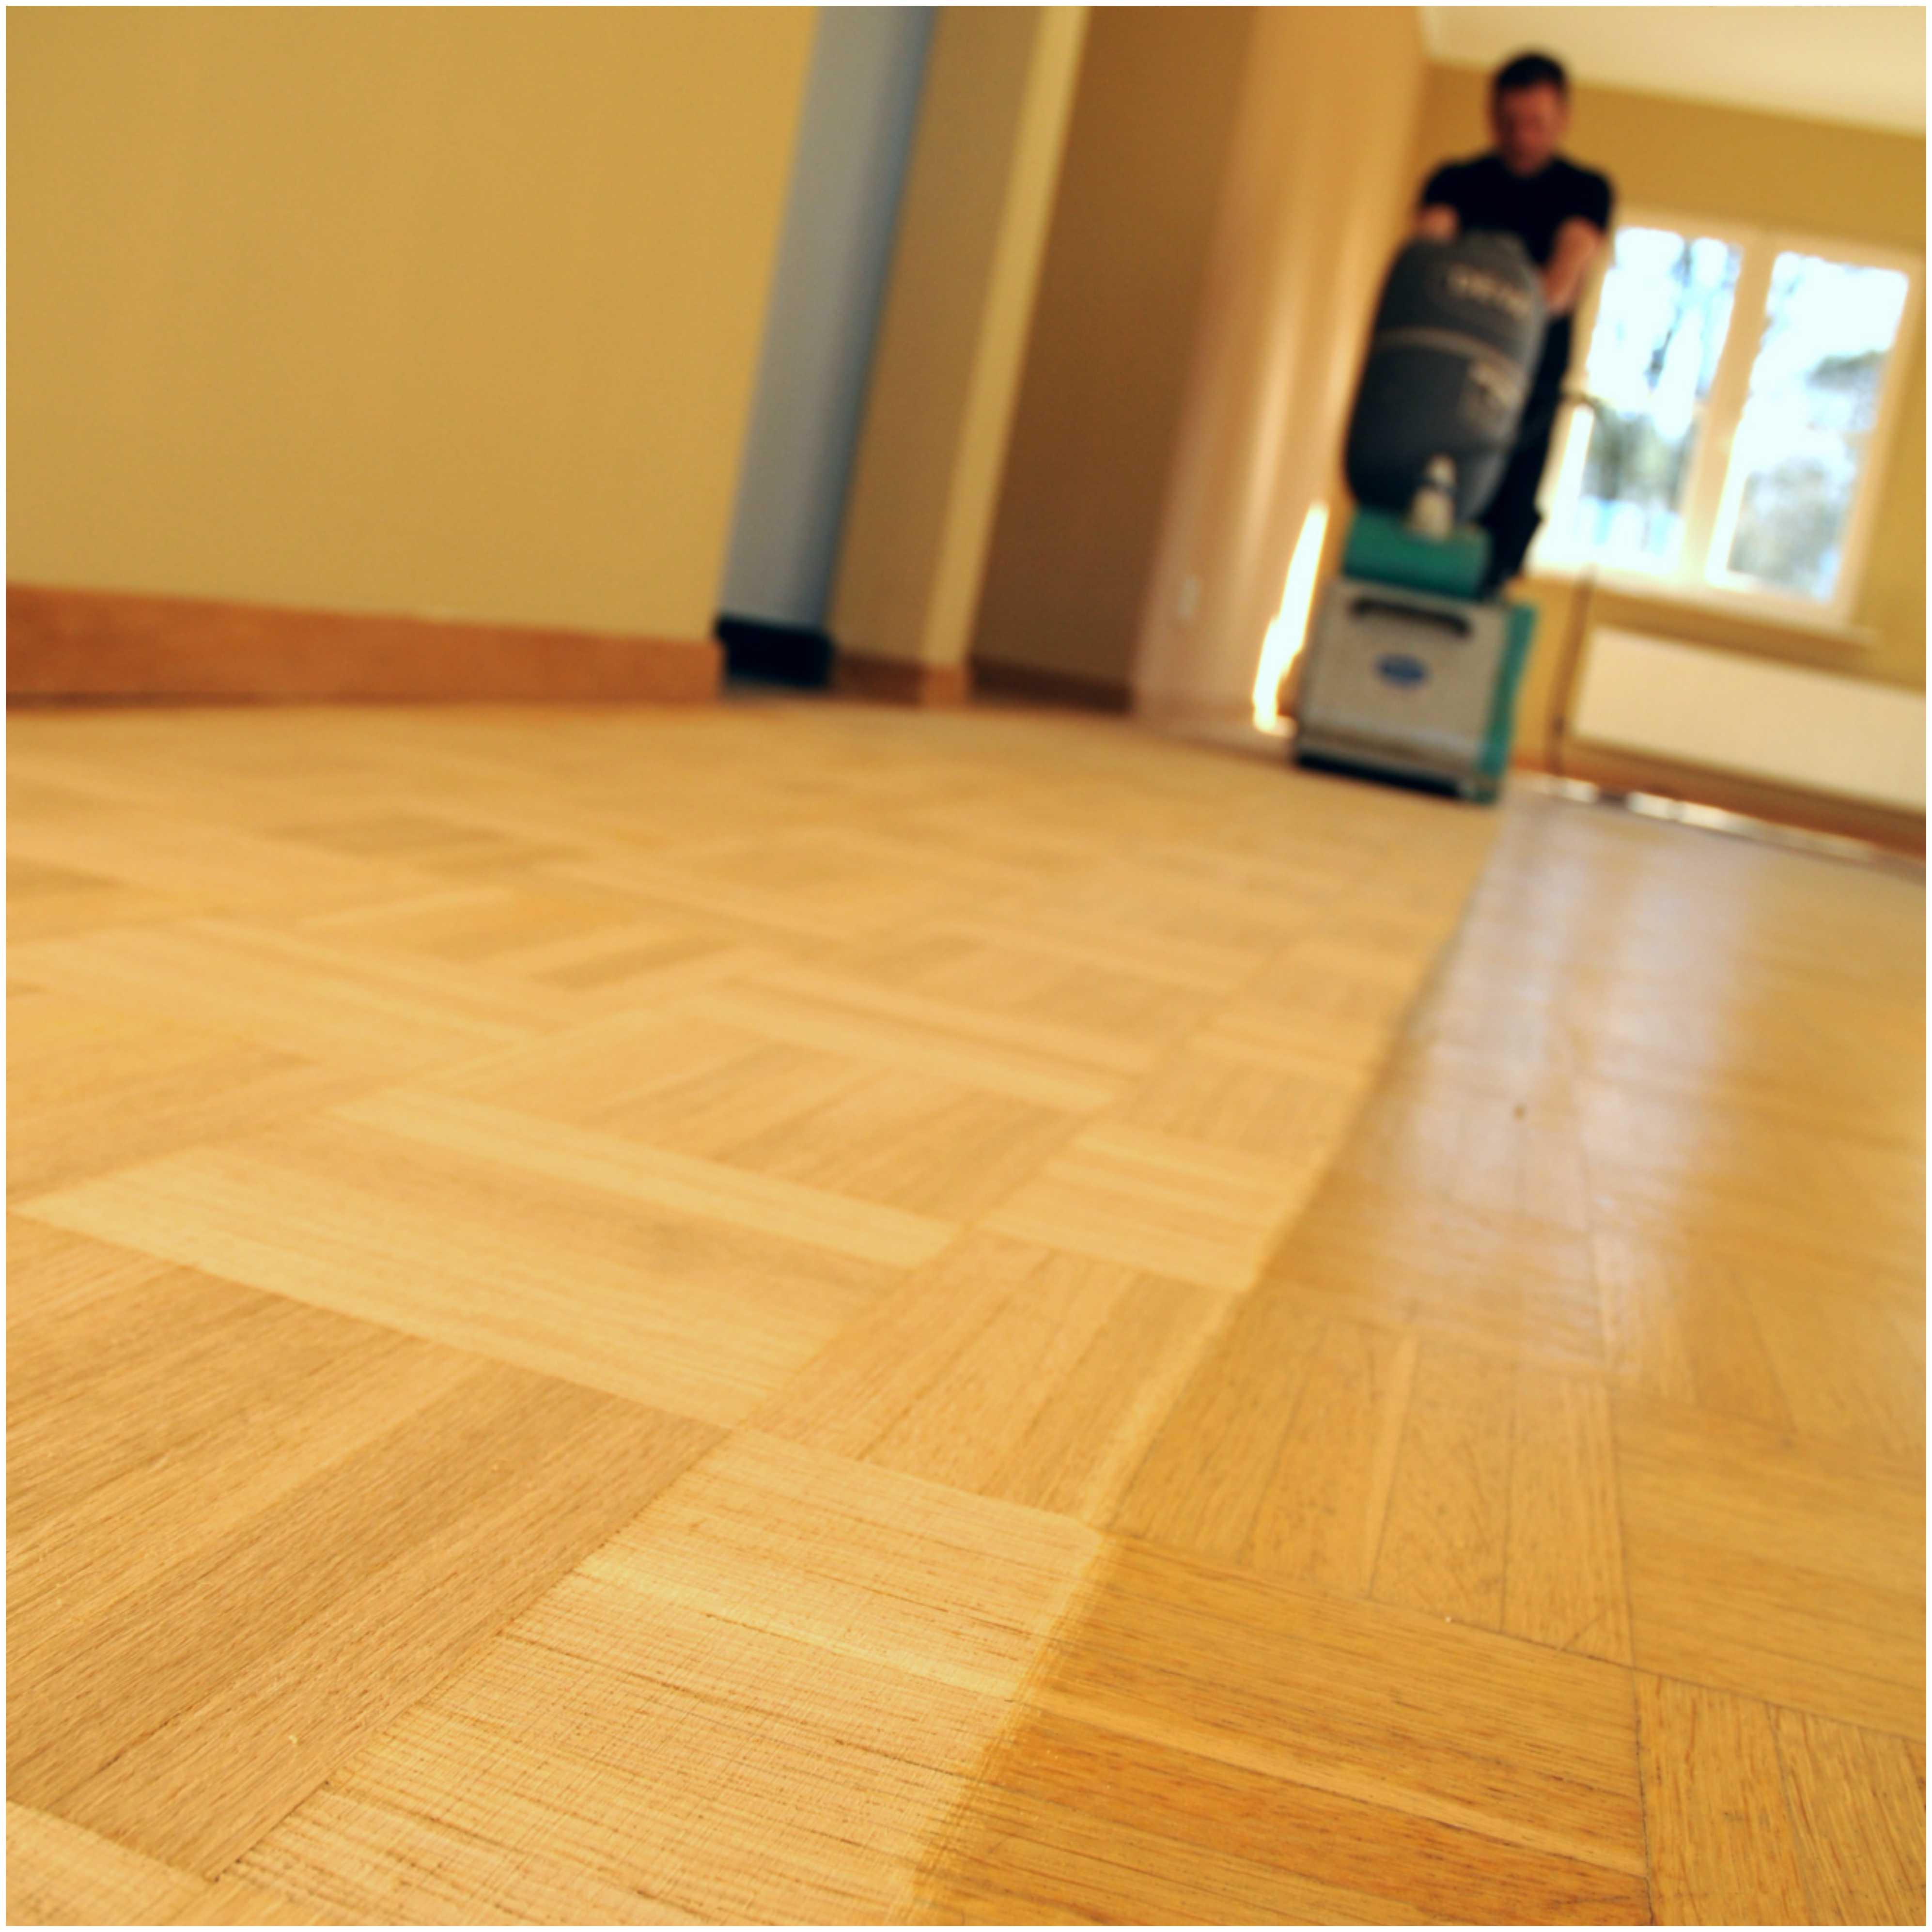 parket renoveren vloeren juist onderhouden het juiste advies bij